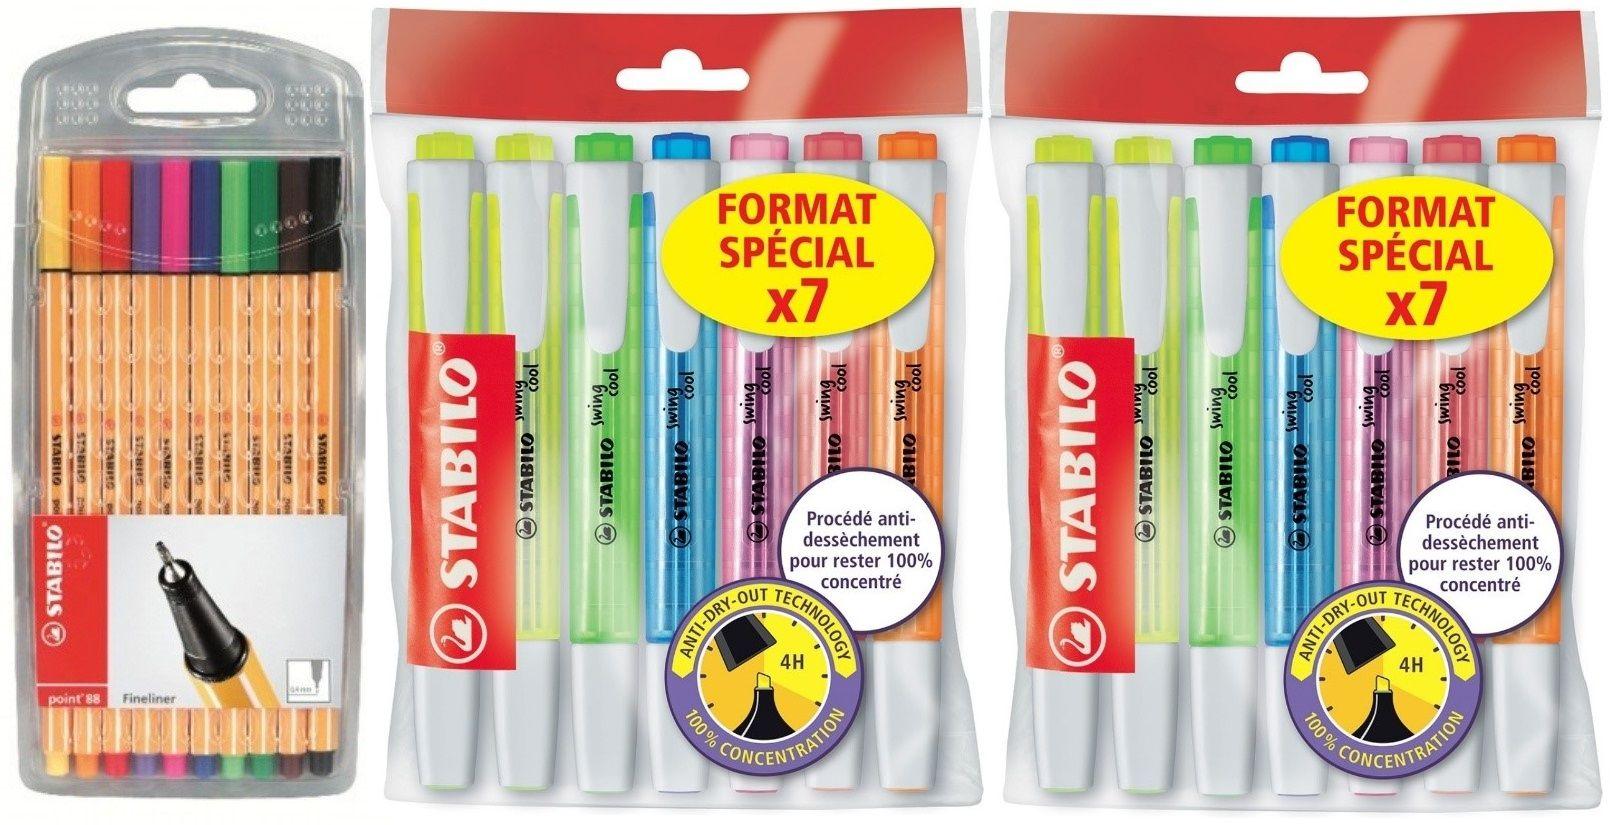 Paquet de stylo feutres Stabilo Point 88 + 2 paquets de surligneur Stabilo Ecopack Swing Cool (Via 6,83€ sur carte fidélité + ODR Quoty)